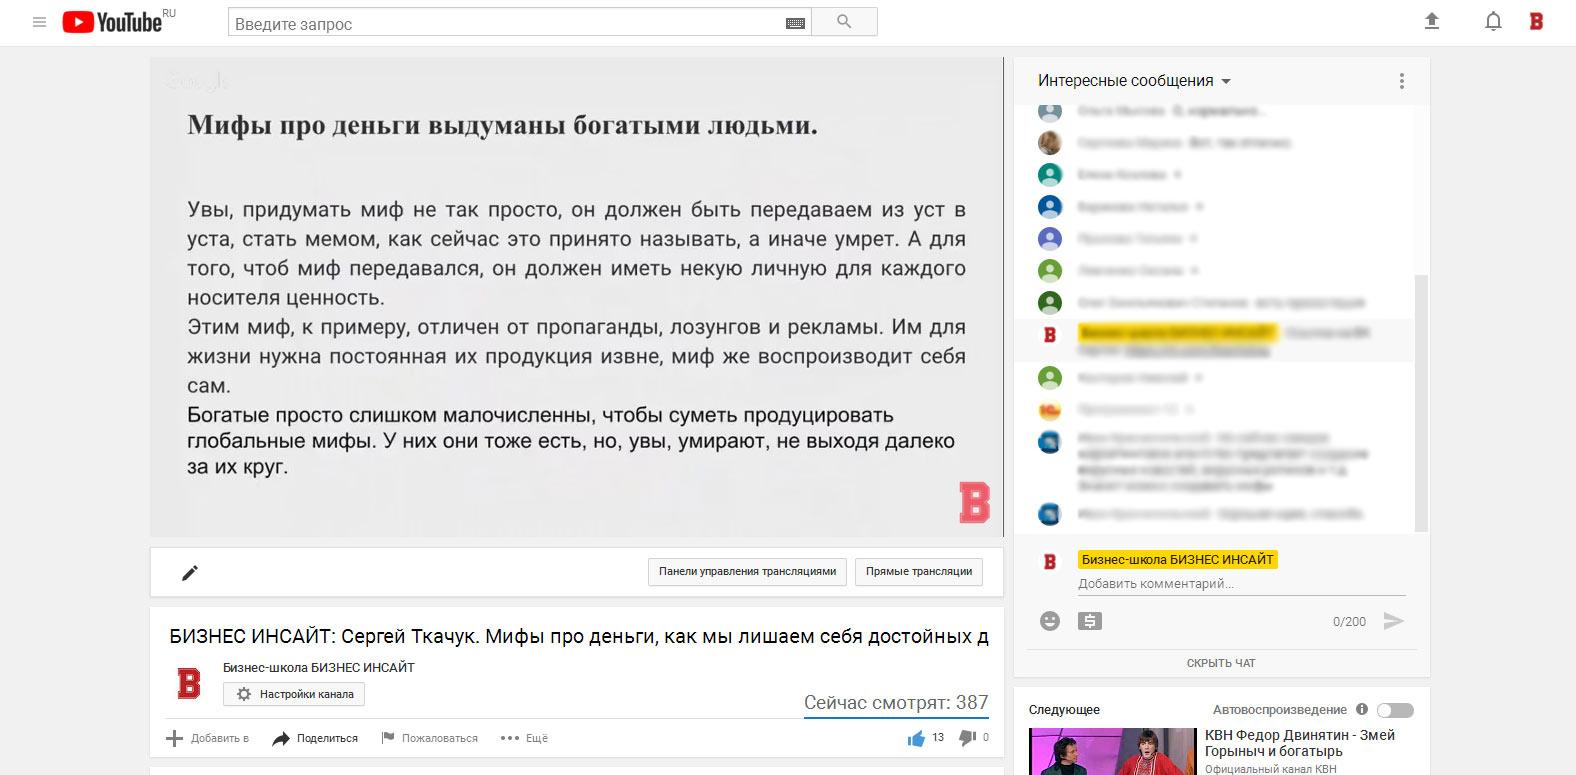 Сергей Ткачук провел открытый (бесплатный) вебинар на площадке БИЗНЕС ИНСАЙТ